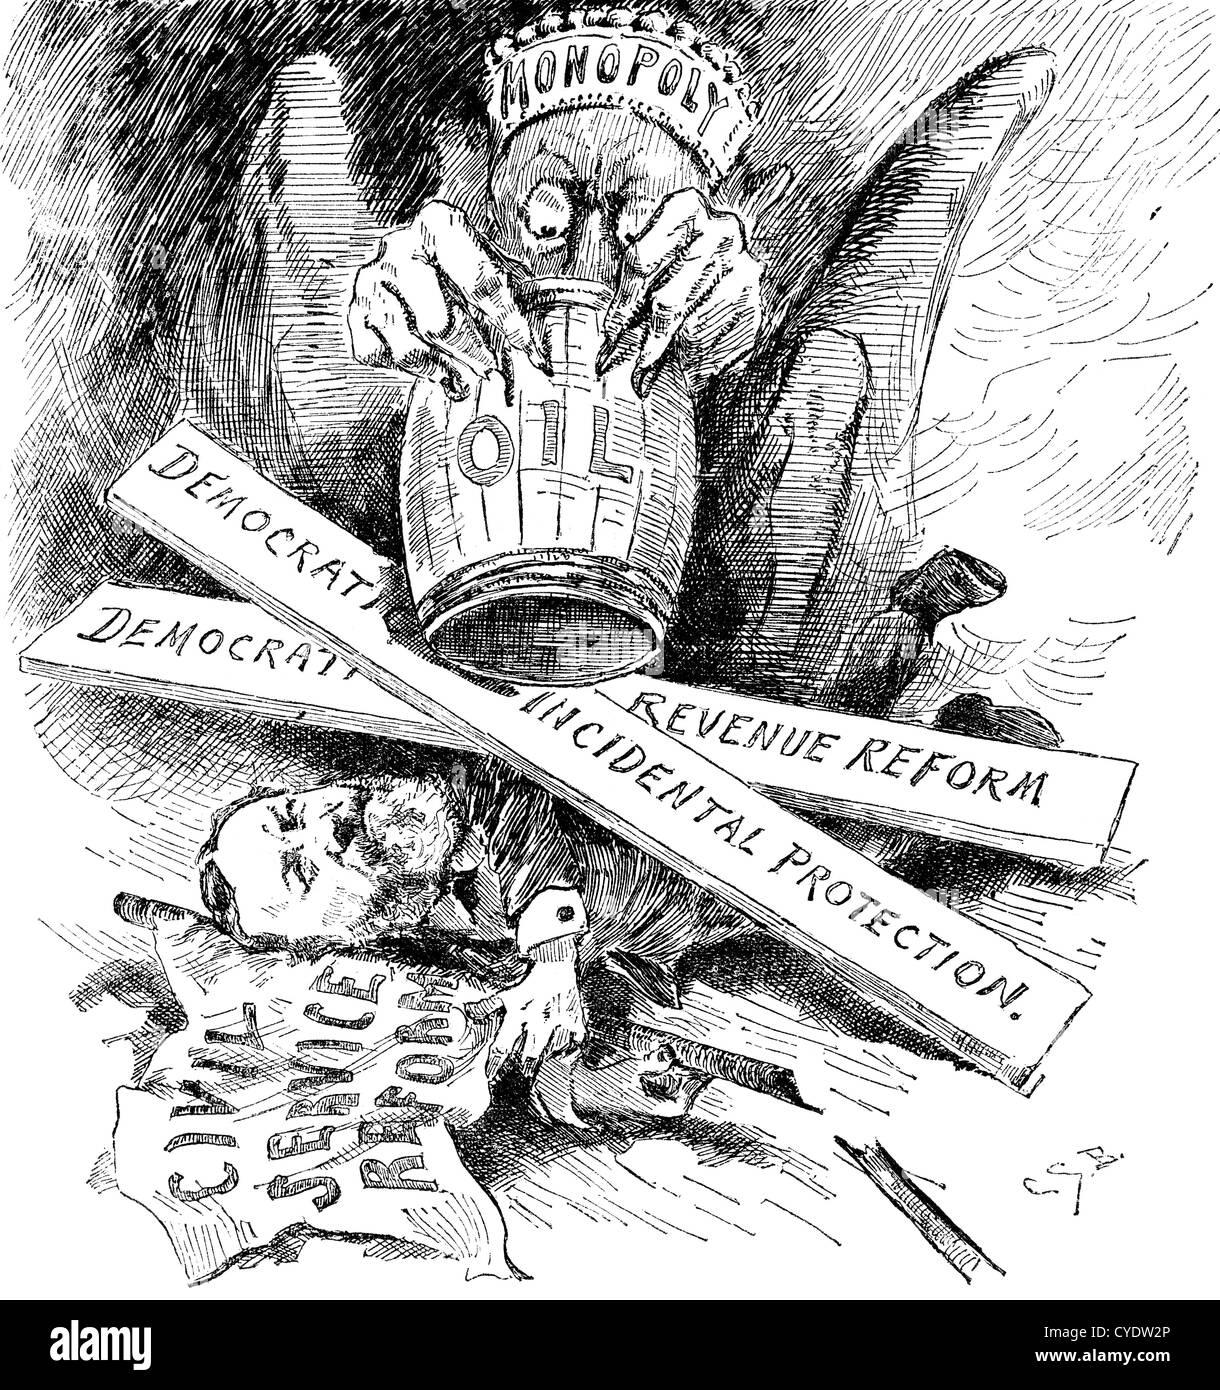 Olio standard drago di monopolio la frantumazione la riforma del servizio civile, cartoon, 1880. Xilografia Immagini Stock